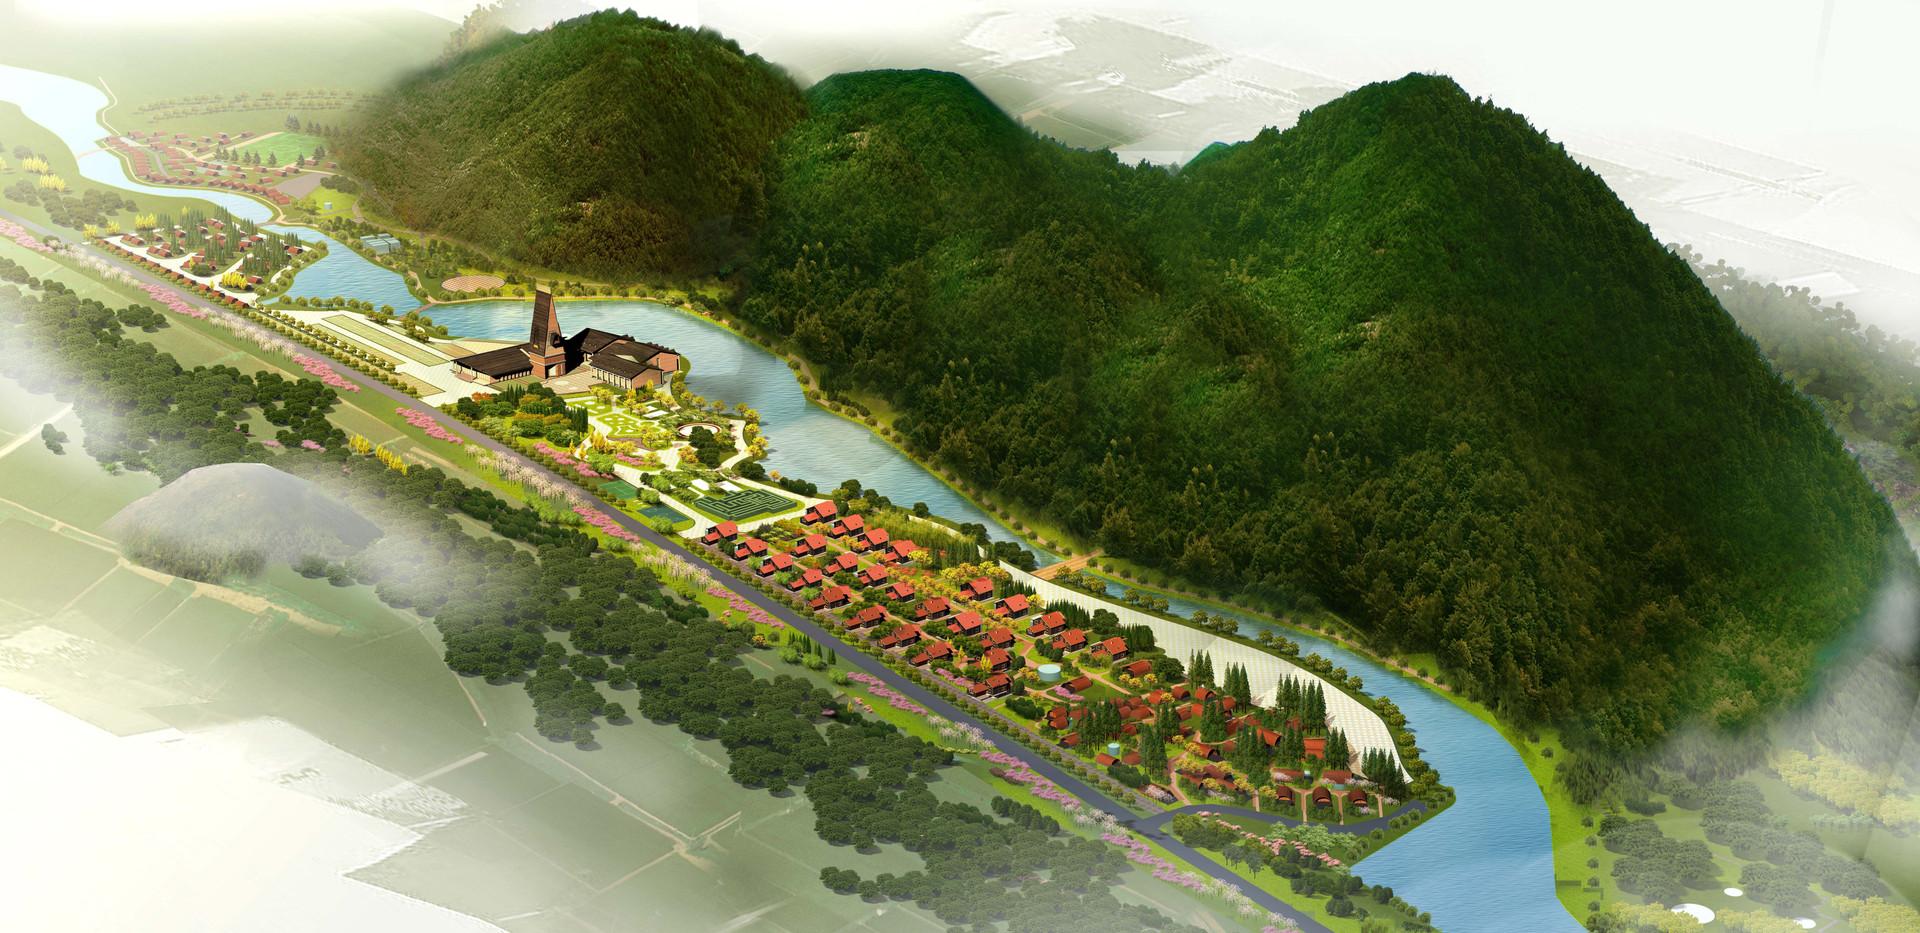 阿尔山零碳生态营地总体规划